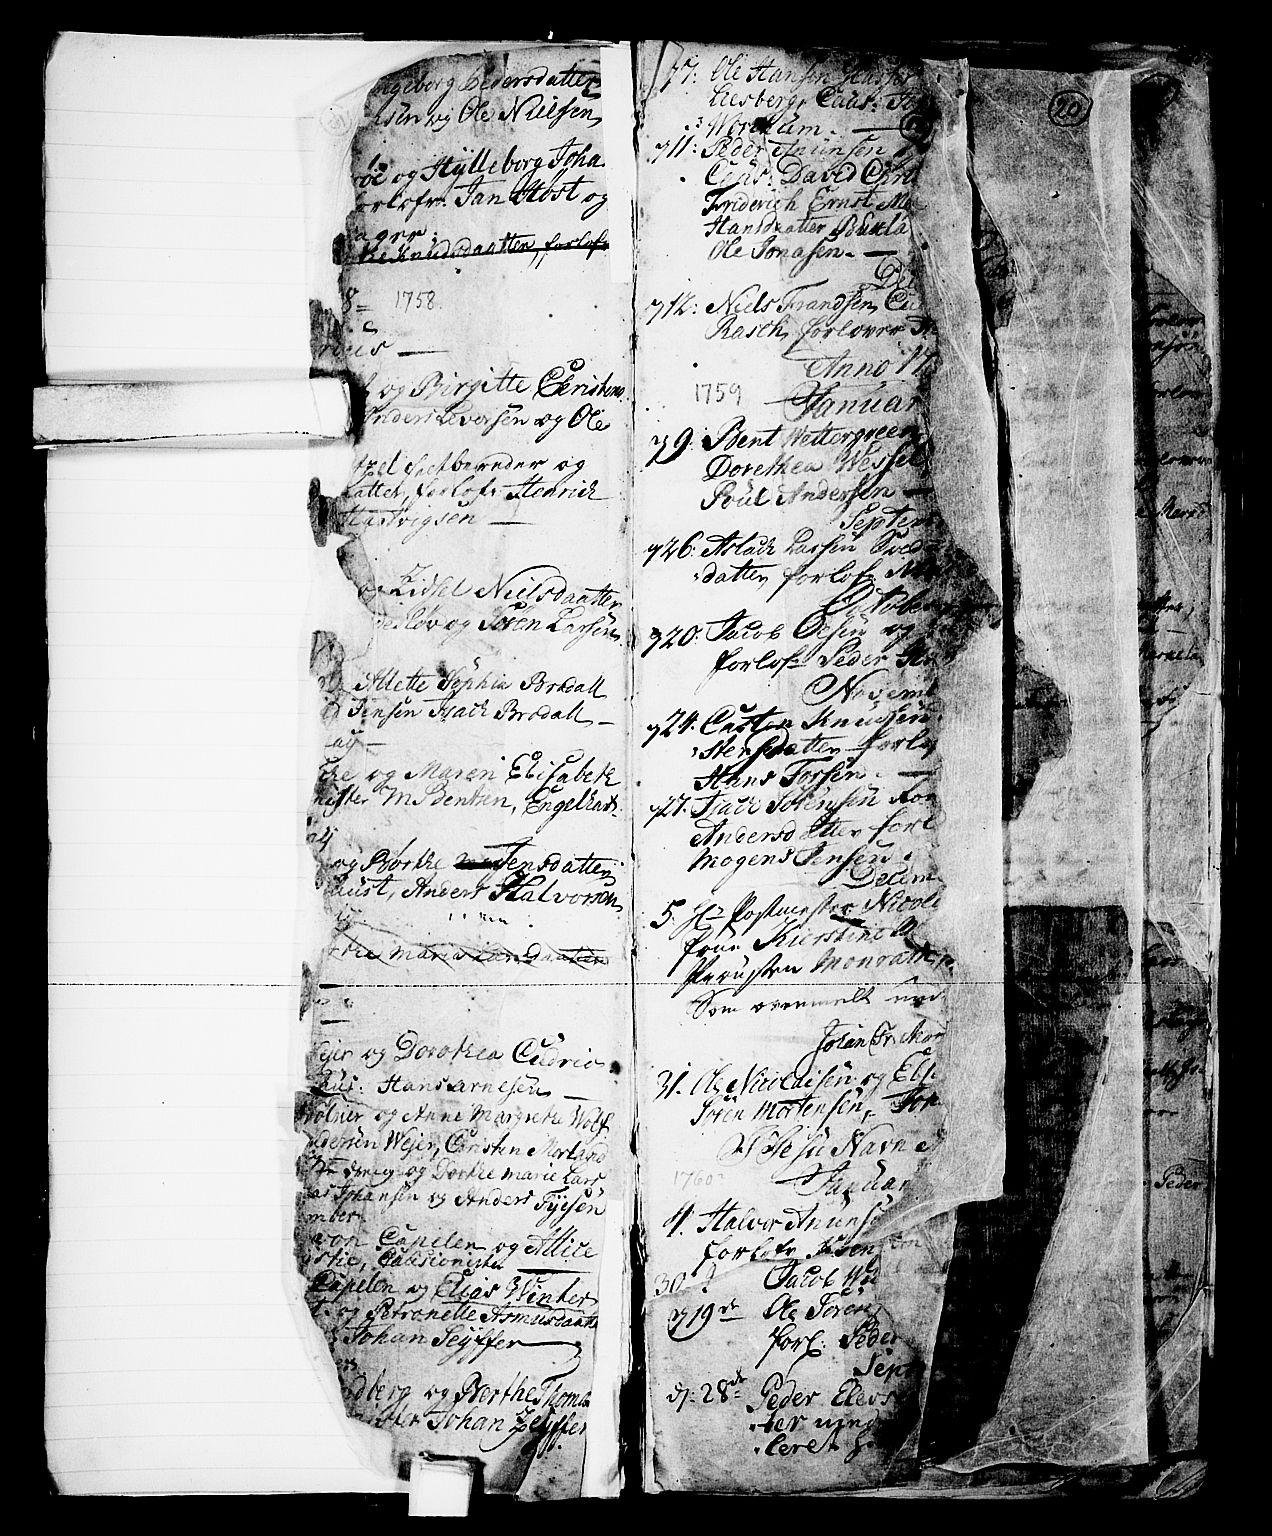 SAKO, Skien kirkebøker, G/Ga/L0001: Klokkerbok nr. 1, 1756-1791, s. 18